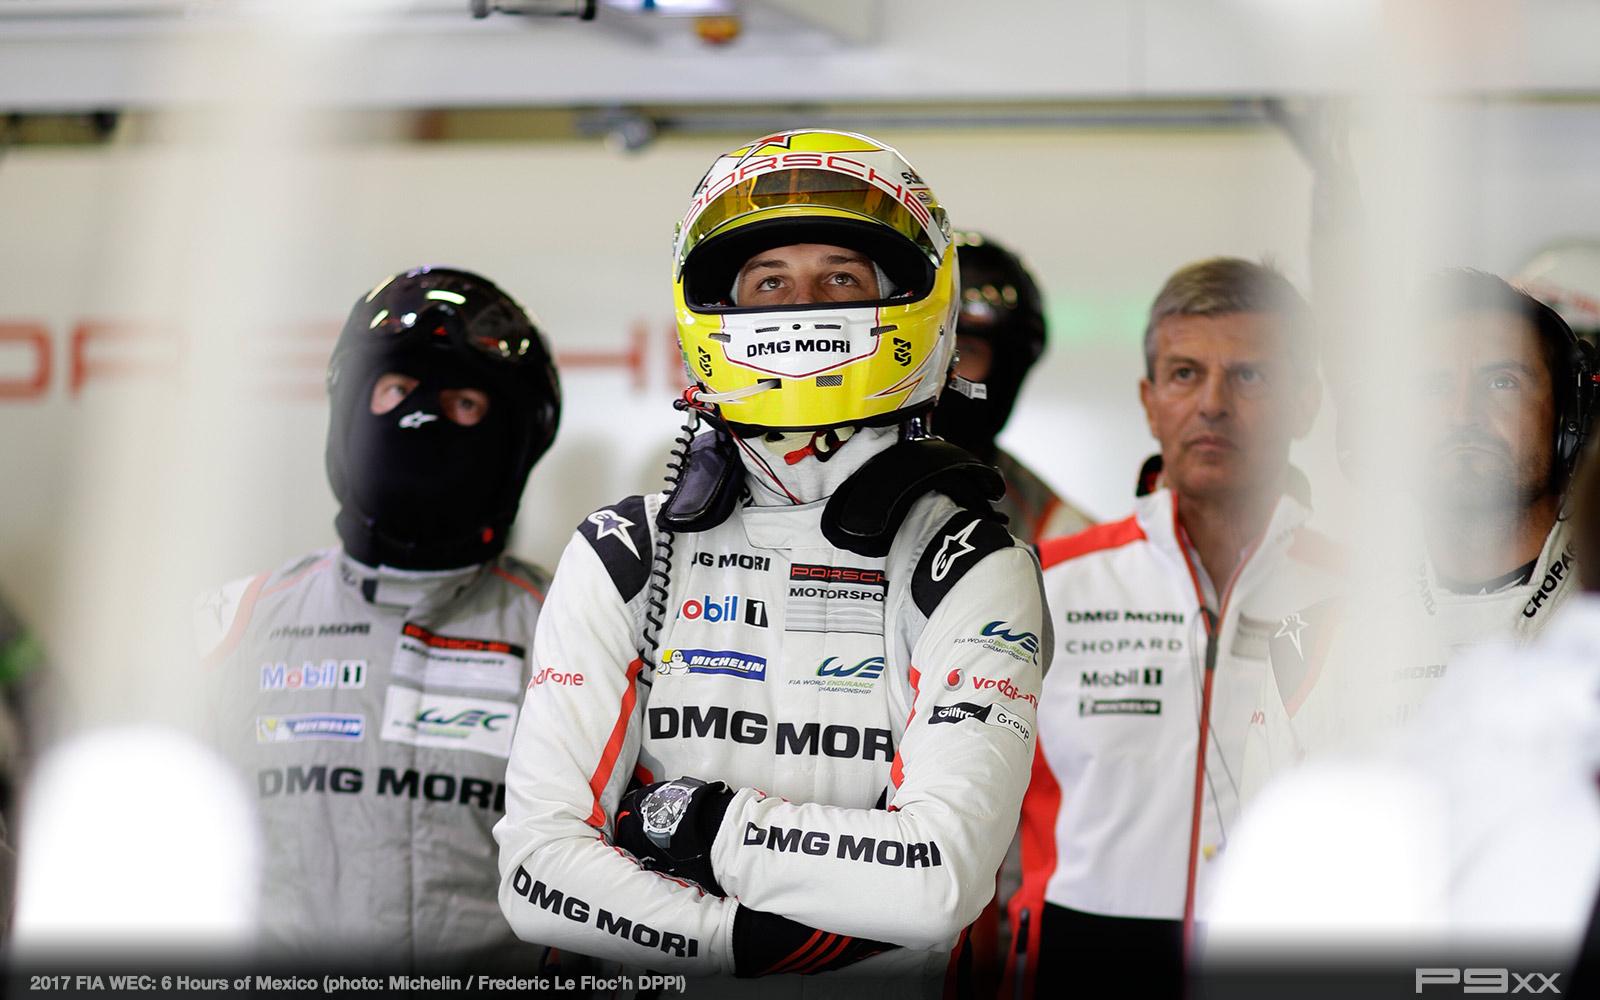 2017-FIA-WEC-6-HOURS-MEXICO-PORSCHE-exico_FLF_02117008_530841273